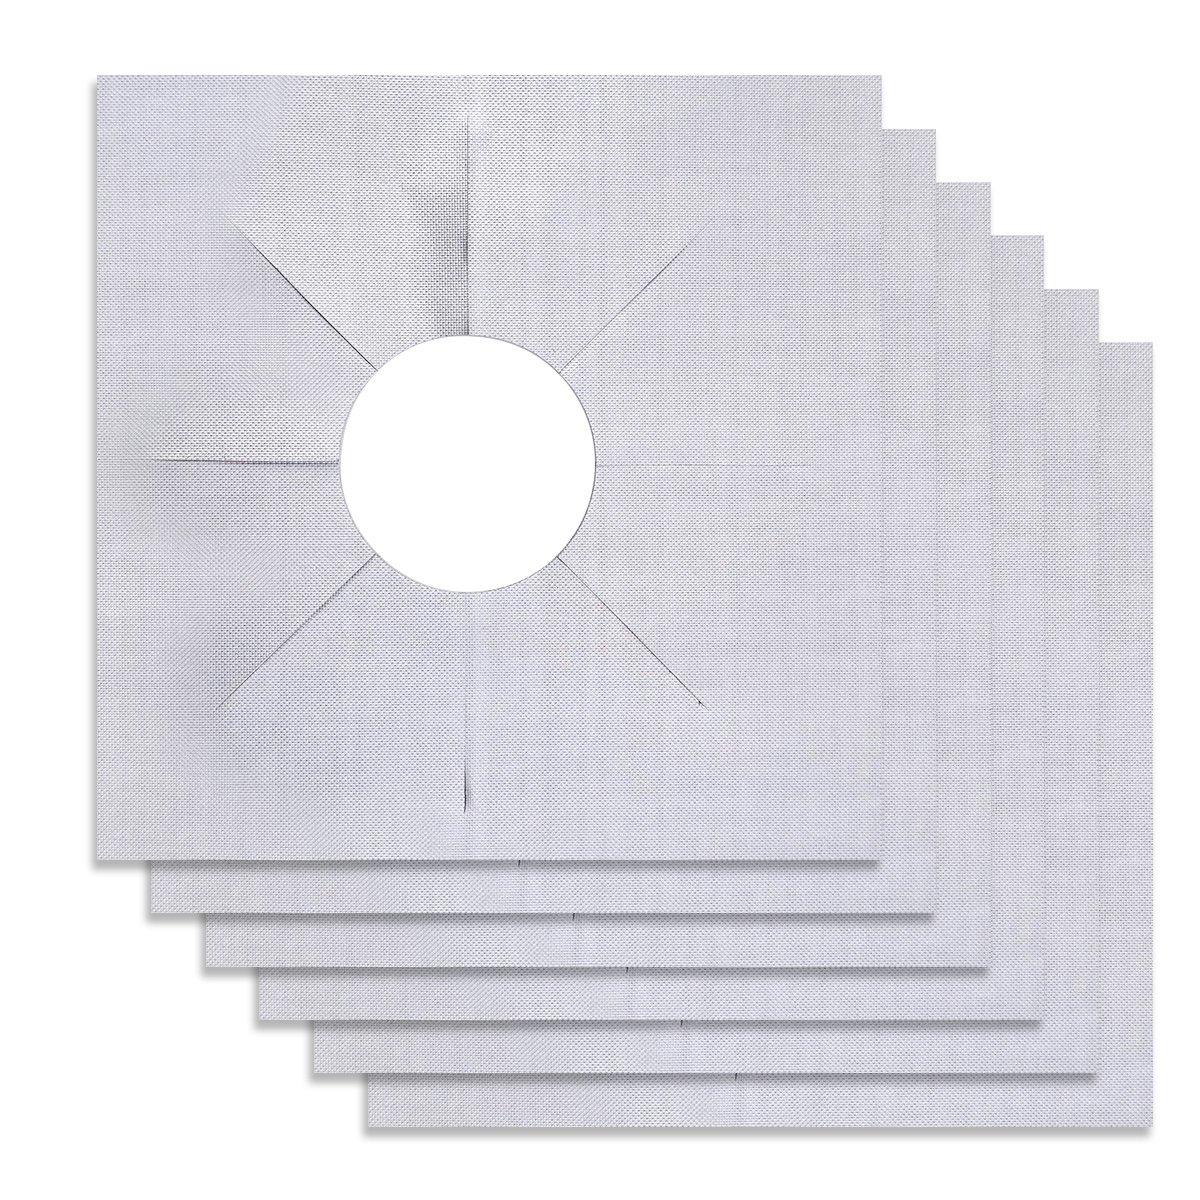 Dreamsoule 6 PCS / Set Home Non Stick Foil Gas Range Hob Stove Top Protectors Sheet Reusable Non-Stick Burner Liners 10.5 x 10.5 (27 x 27 cm)